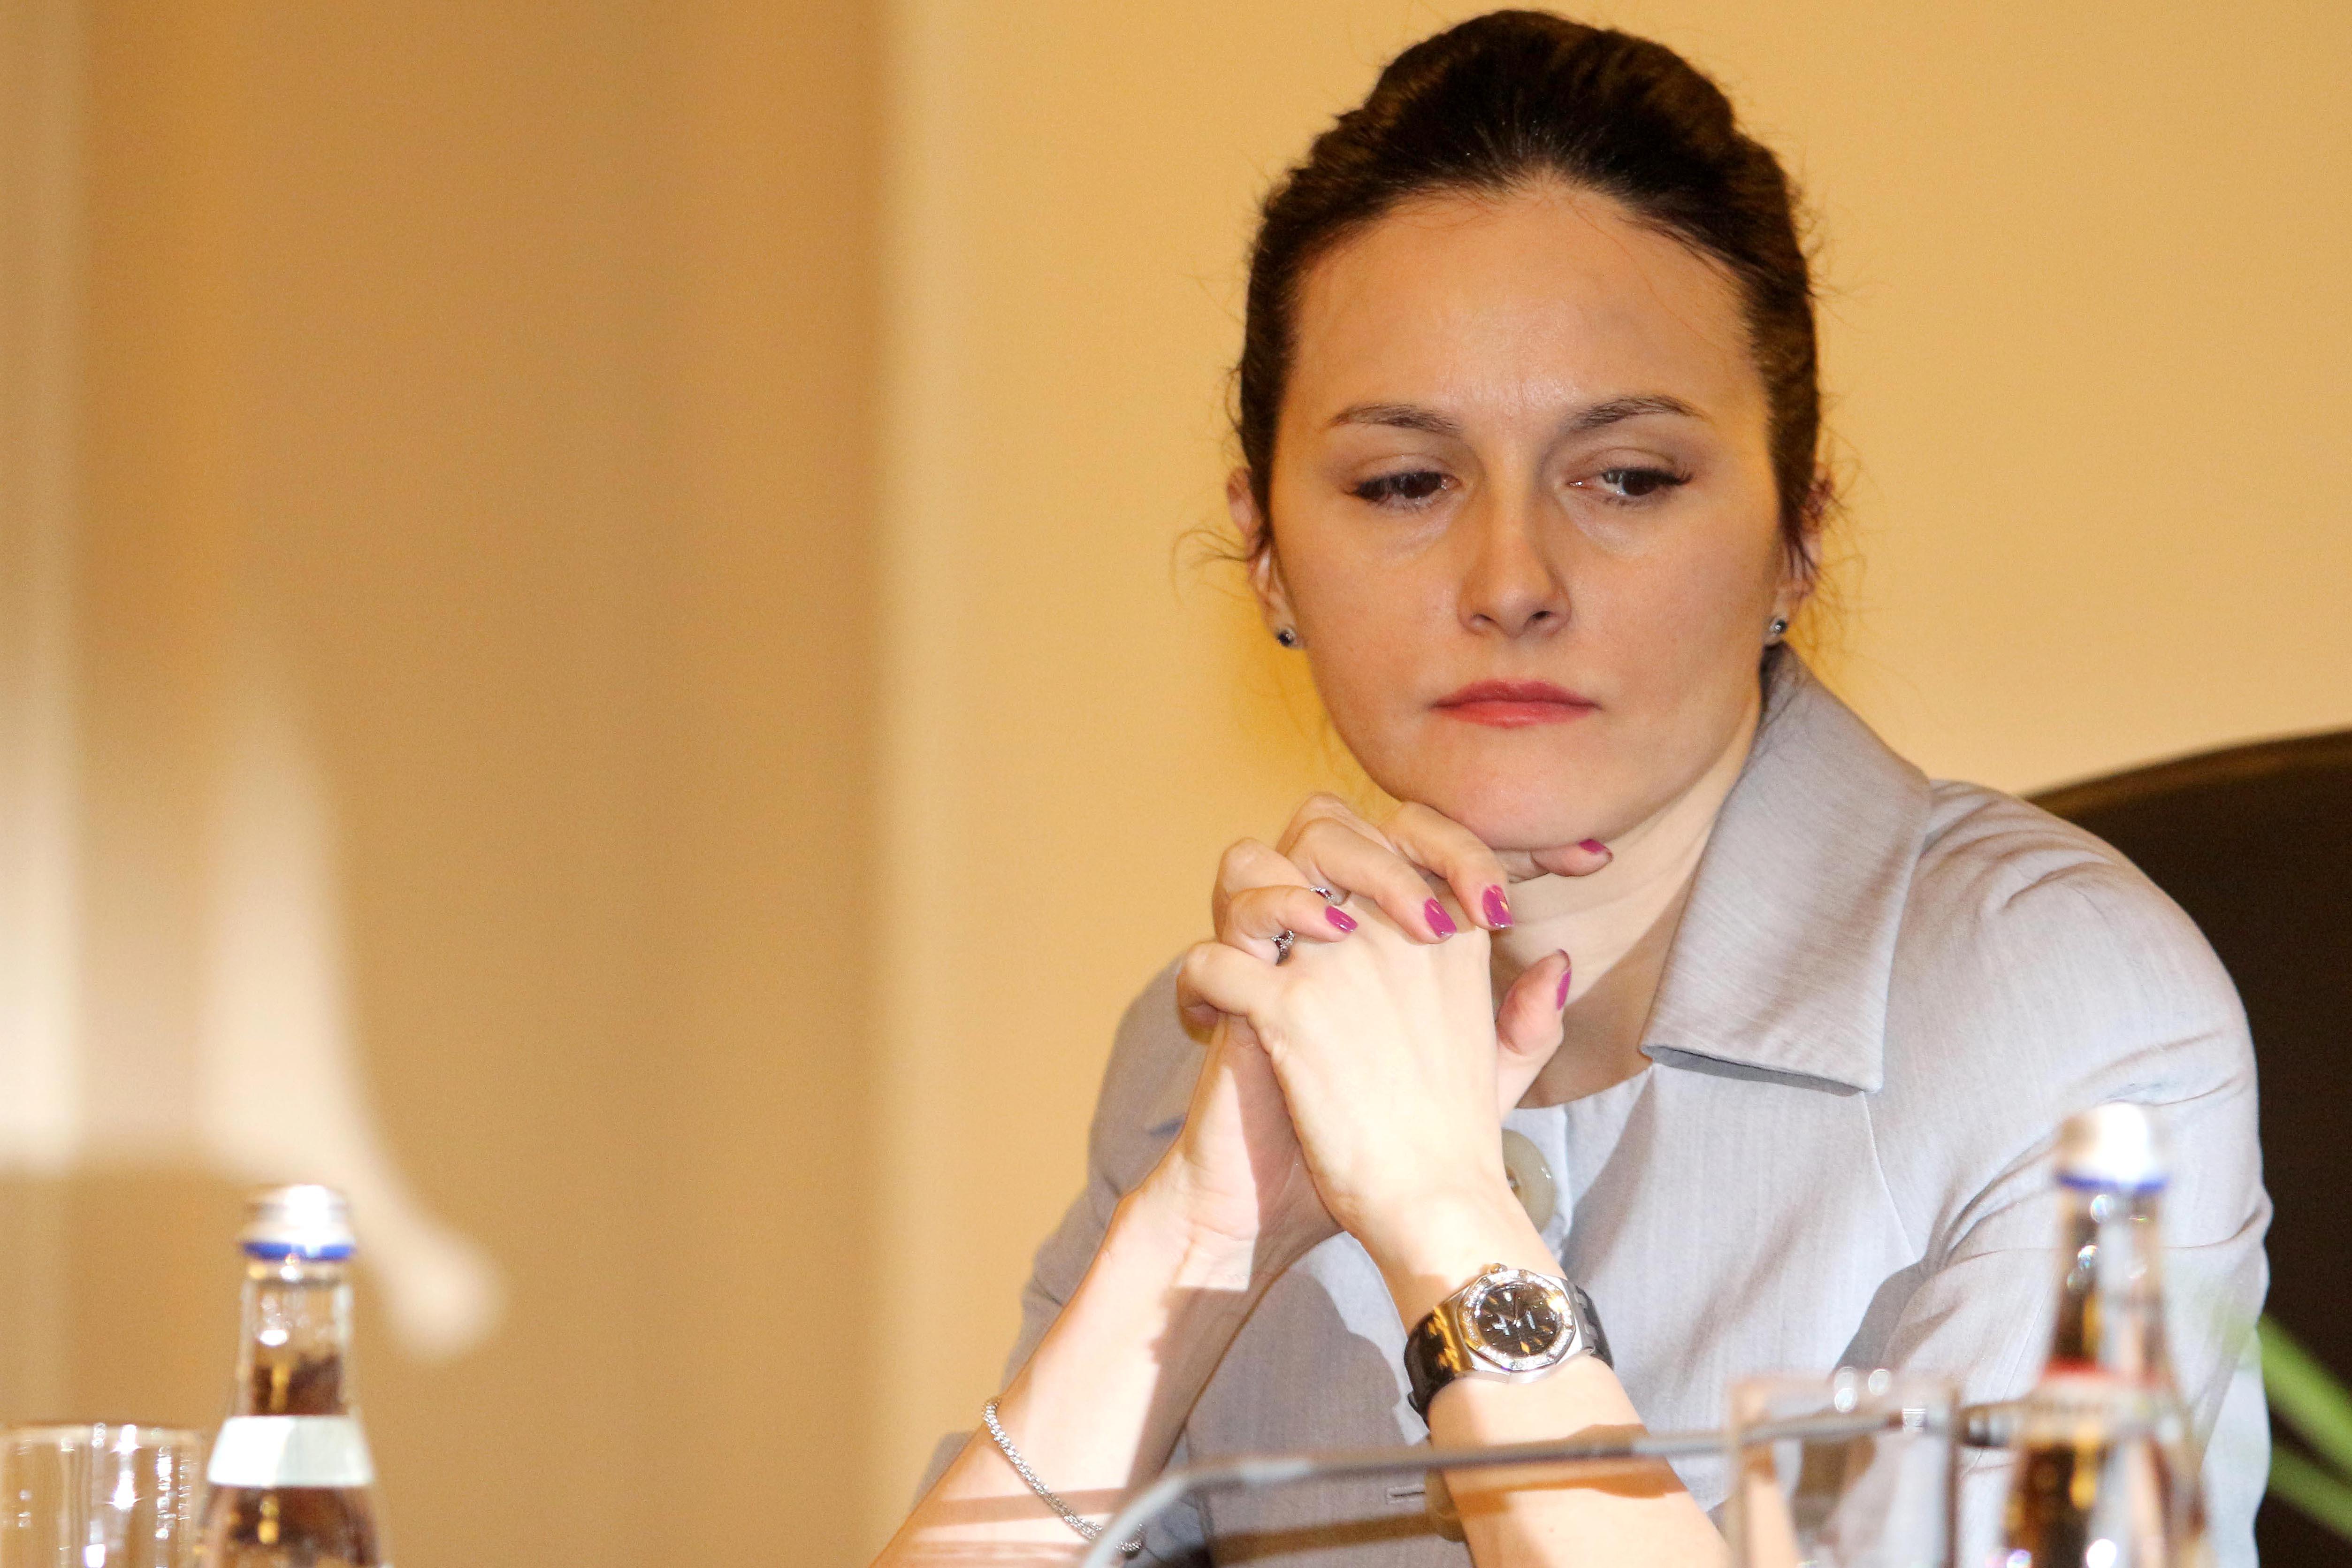 Fosta şefă a DIICOT Alina Bica va fi audiată astăzi de Comisia SRI, în contextul acuzaţiilor fostului ofiţer Daniel Dragomir